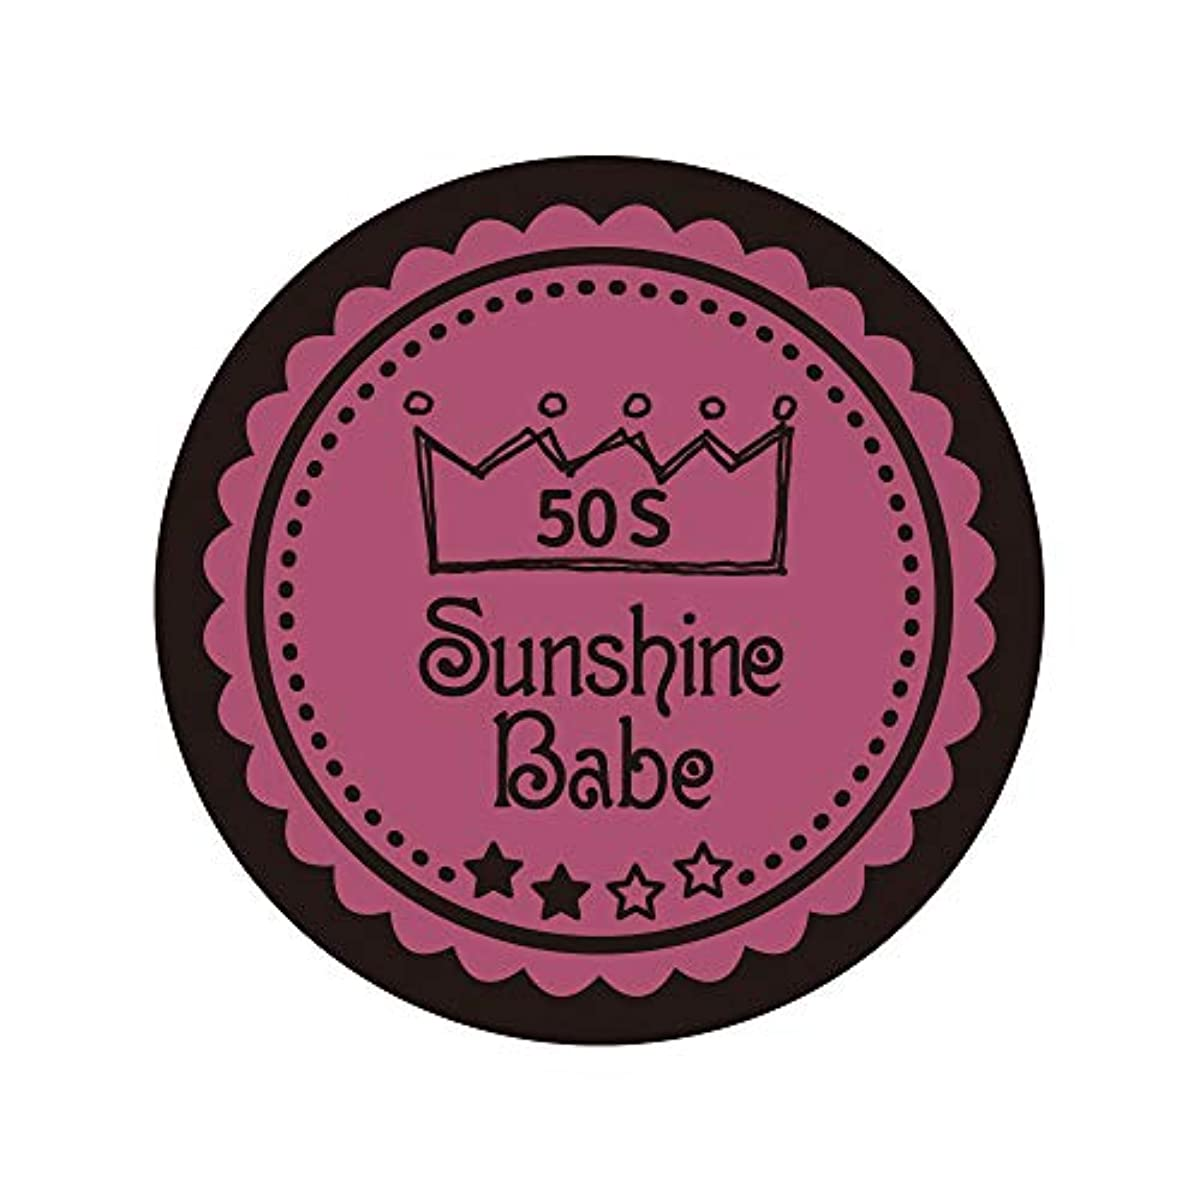 真剣に報いるエスカレーターSunshine Babe カラージェル 50S ベイクドピンク 2.7g UV/LED対応